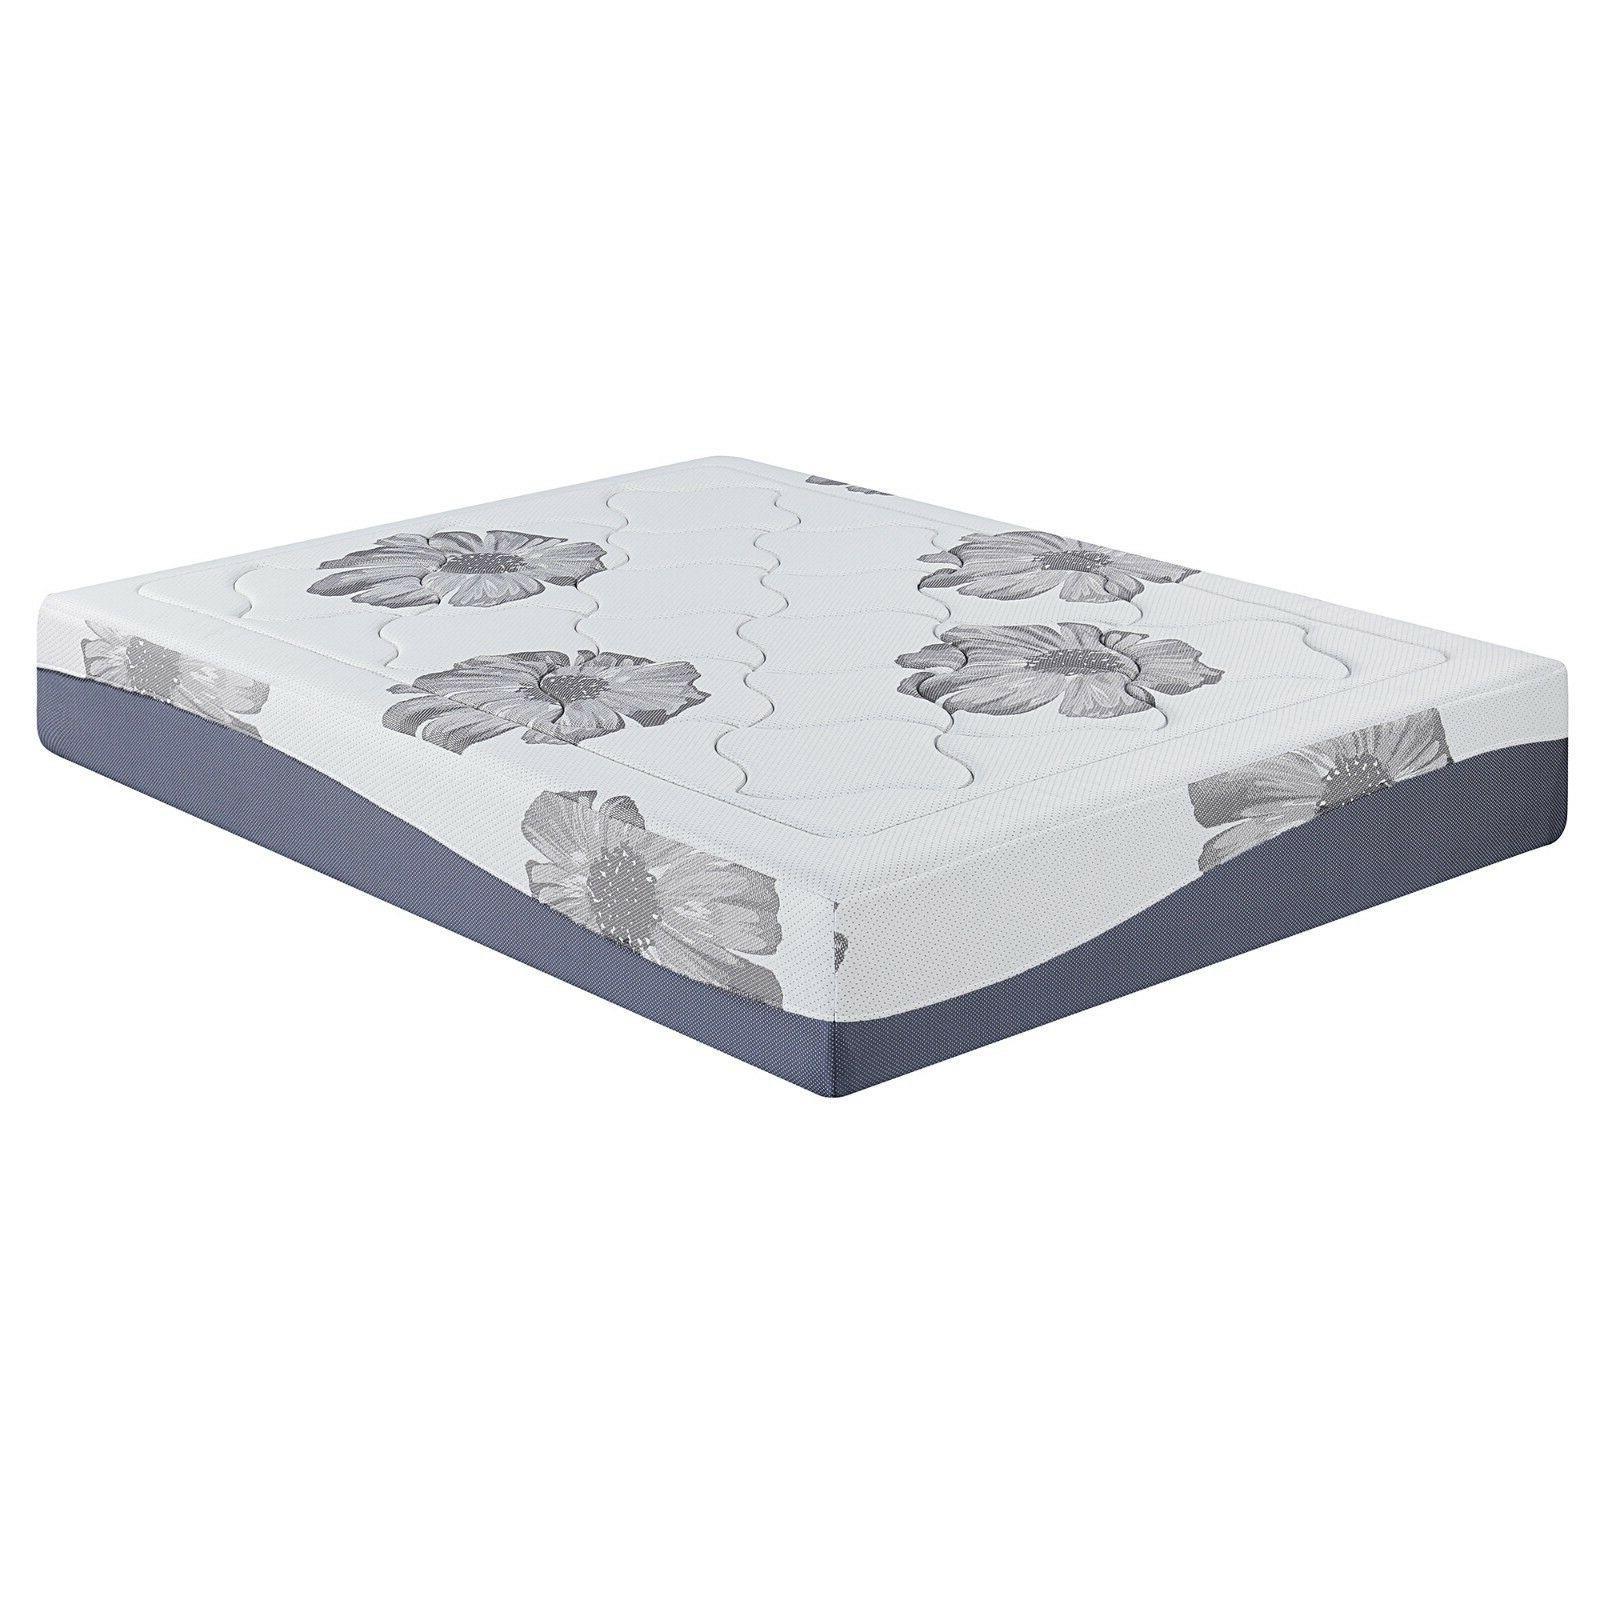 SLEEPLACE Inch Gel Foam Mattress, Bed